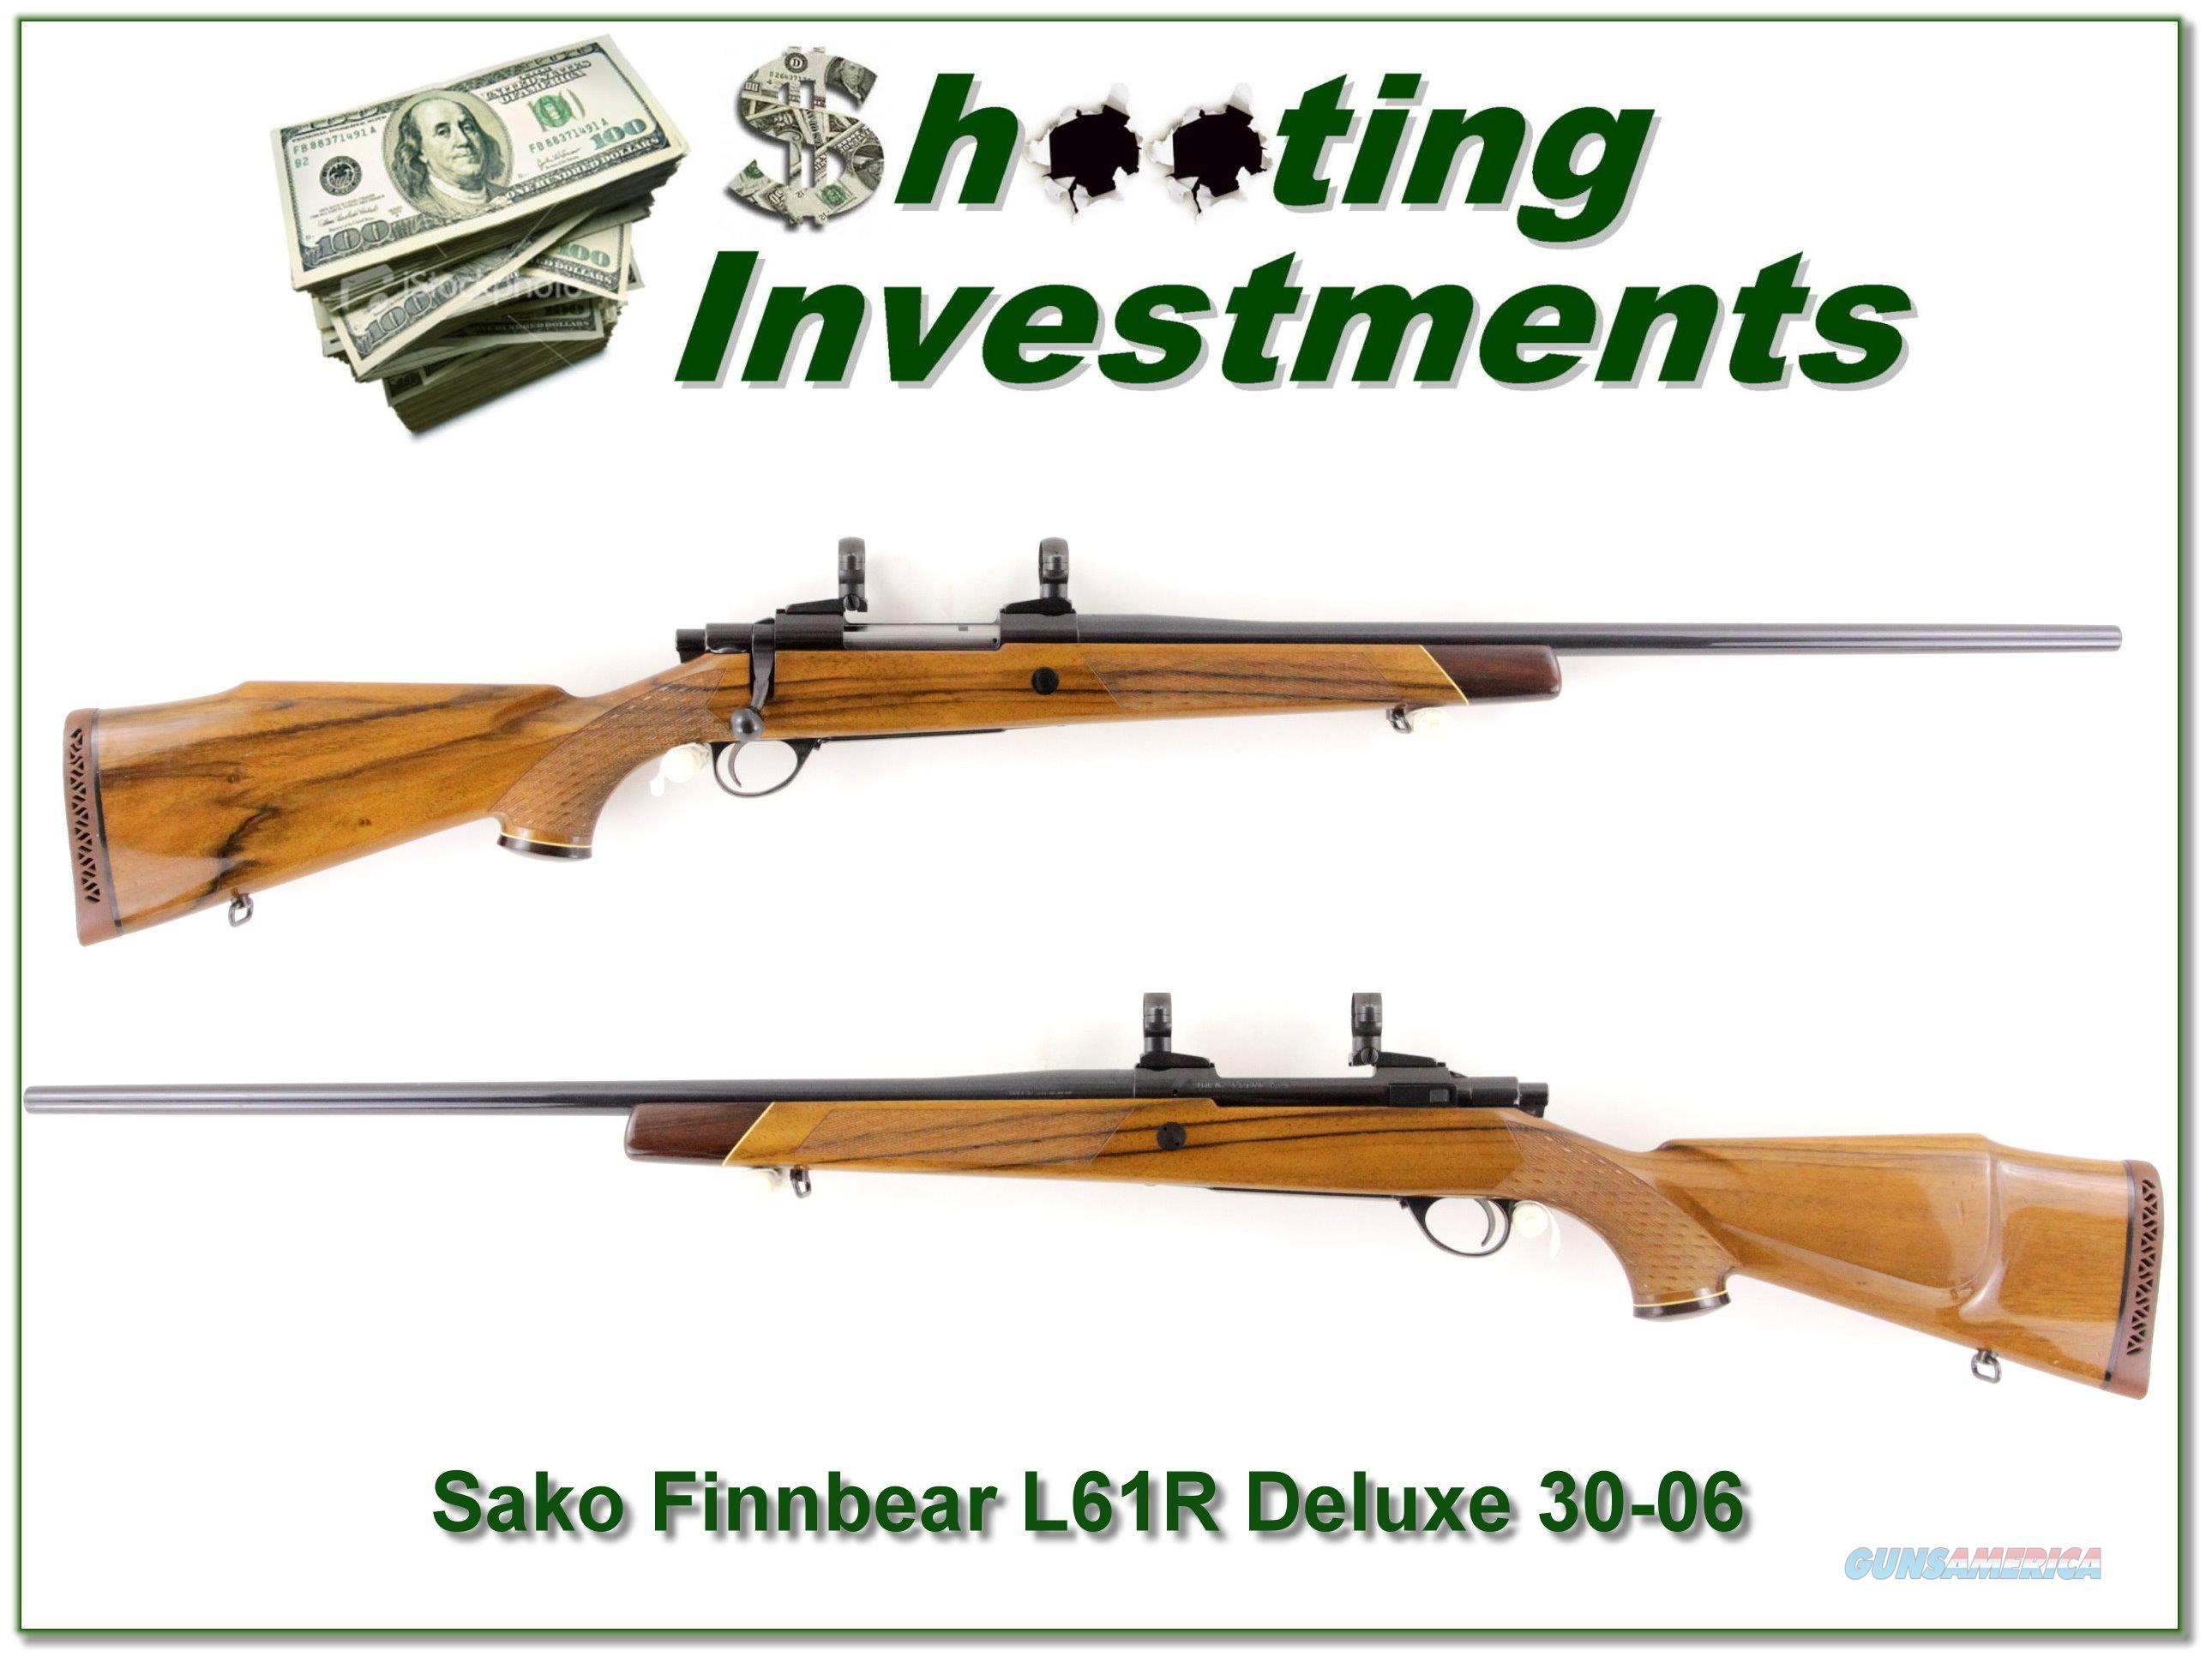 Sako L61R Finnbear Dleuxe 30-06  Guns > Rifles > Sako Rifles > Other Bolt Action